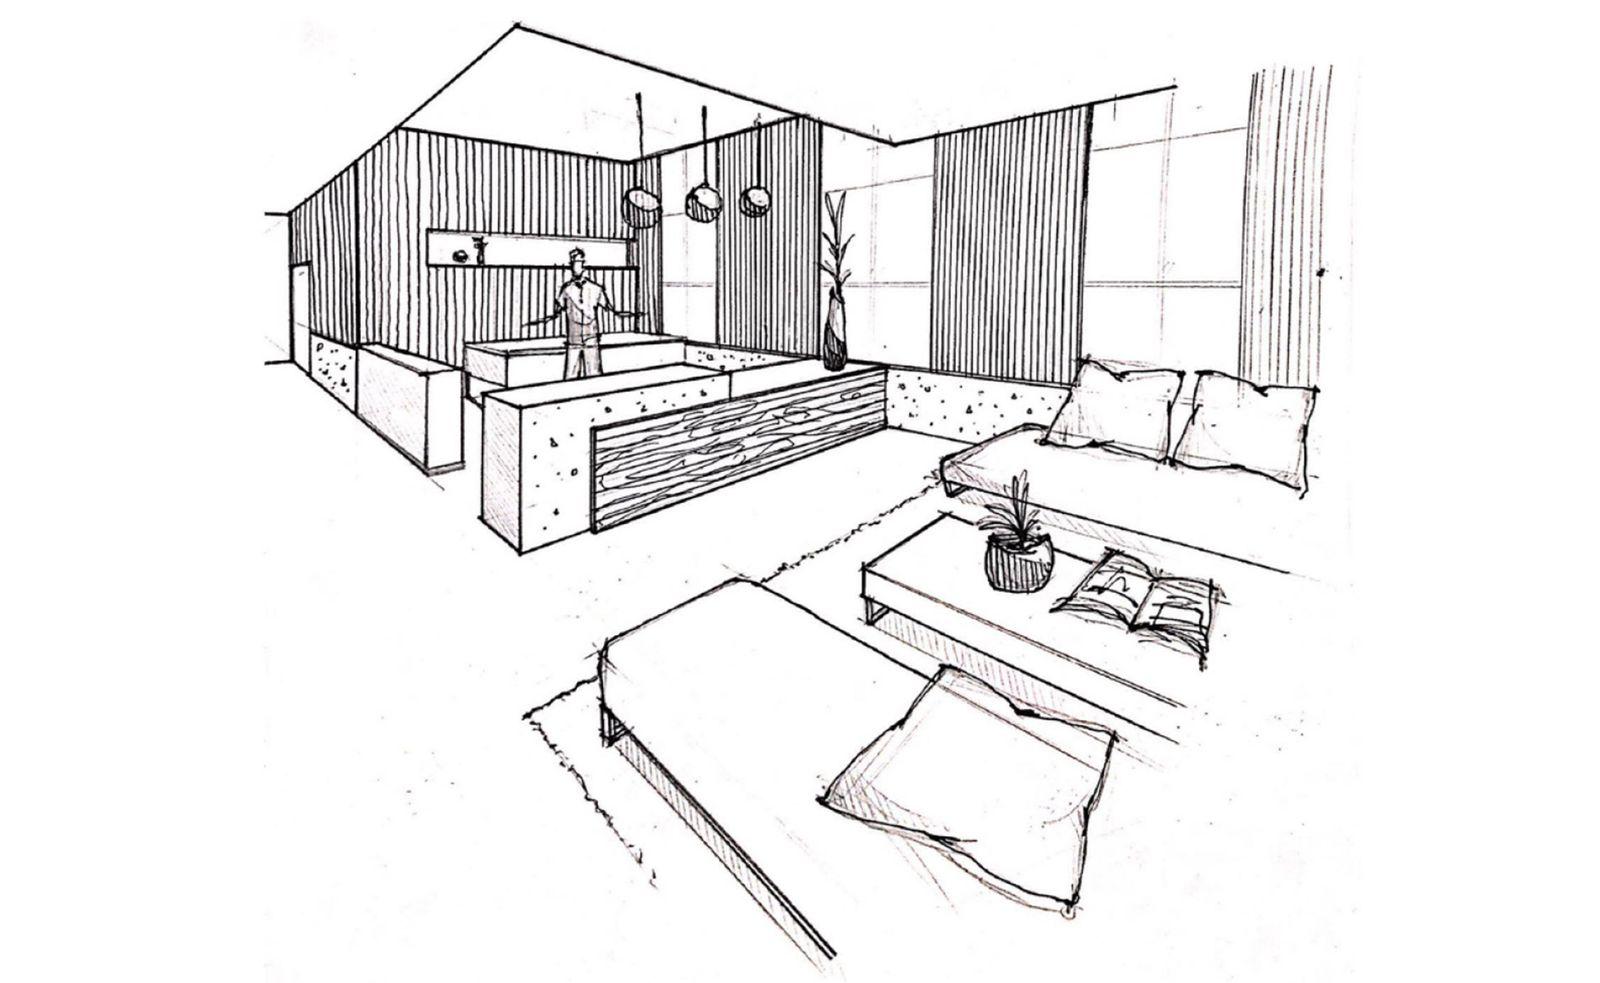 Interior perspective sketch